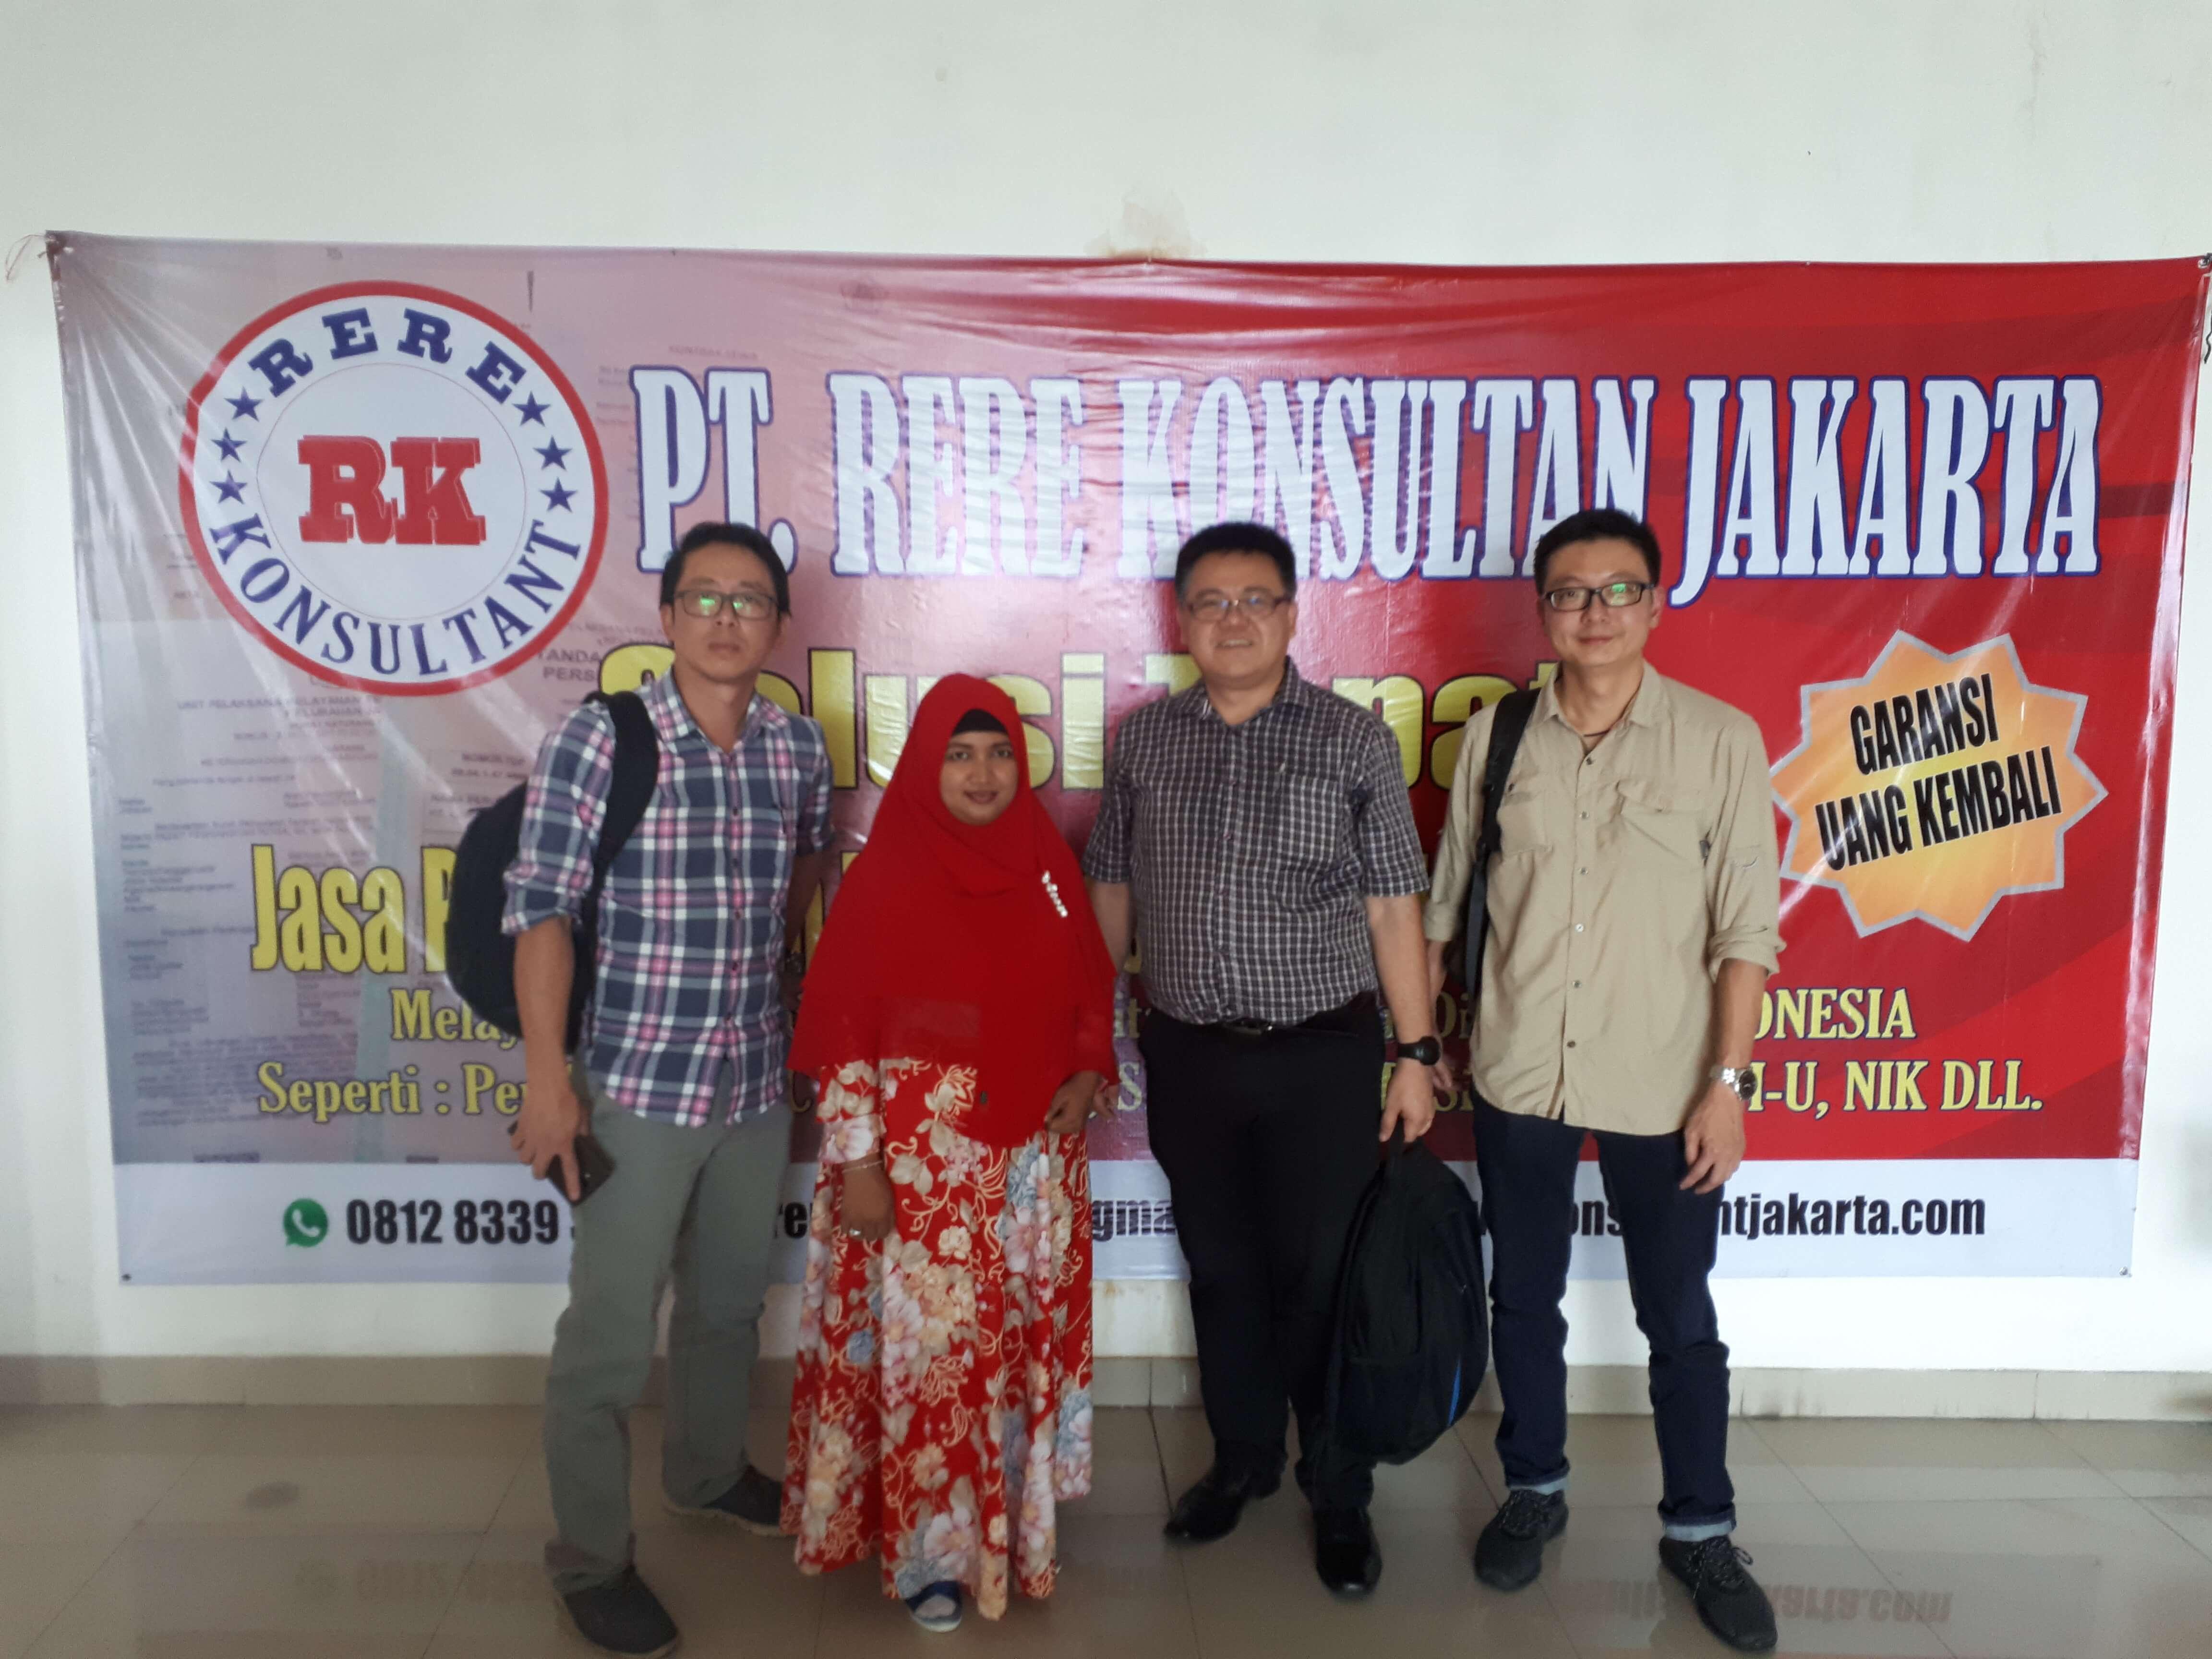 Jasa Pembuatan PT Di Konsultanjakarta.com